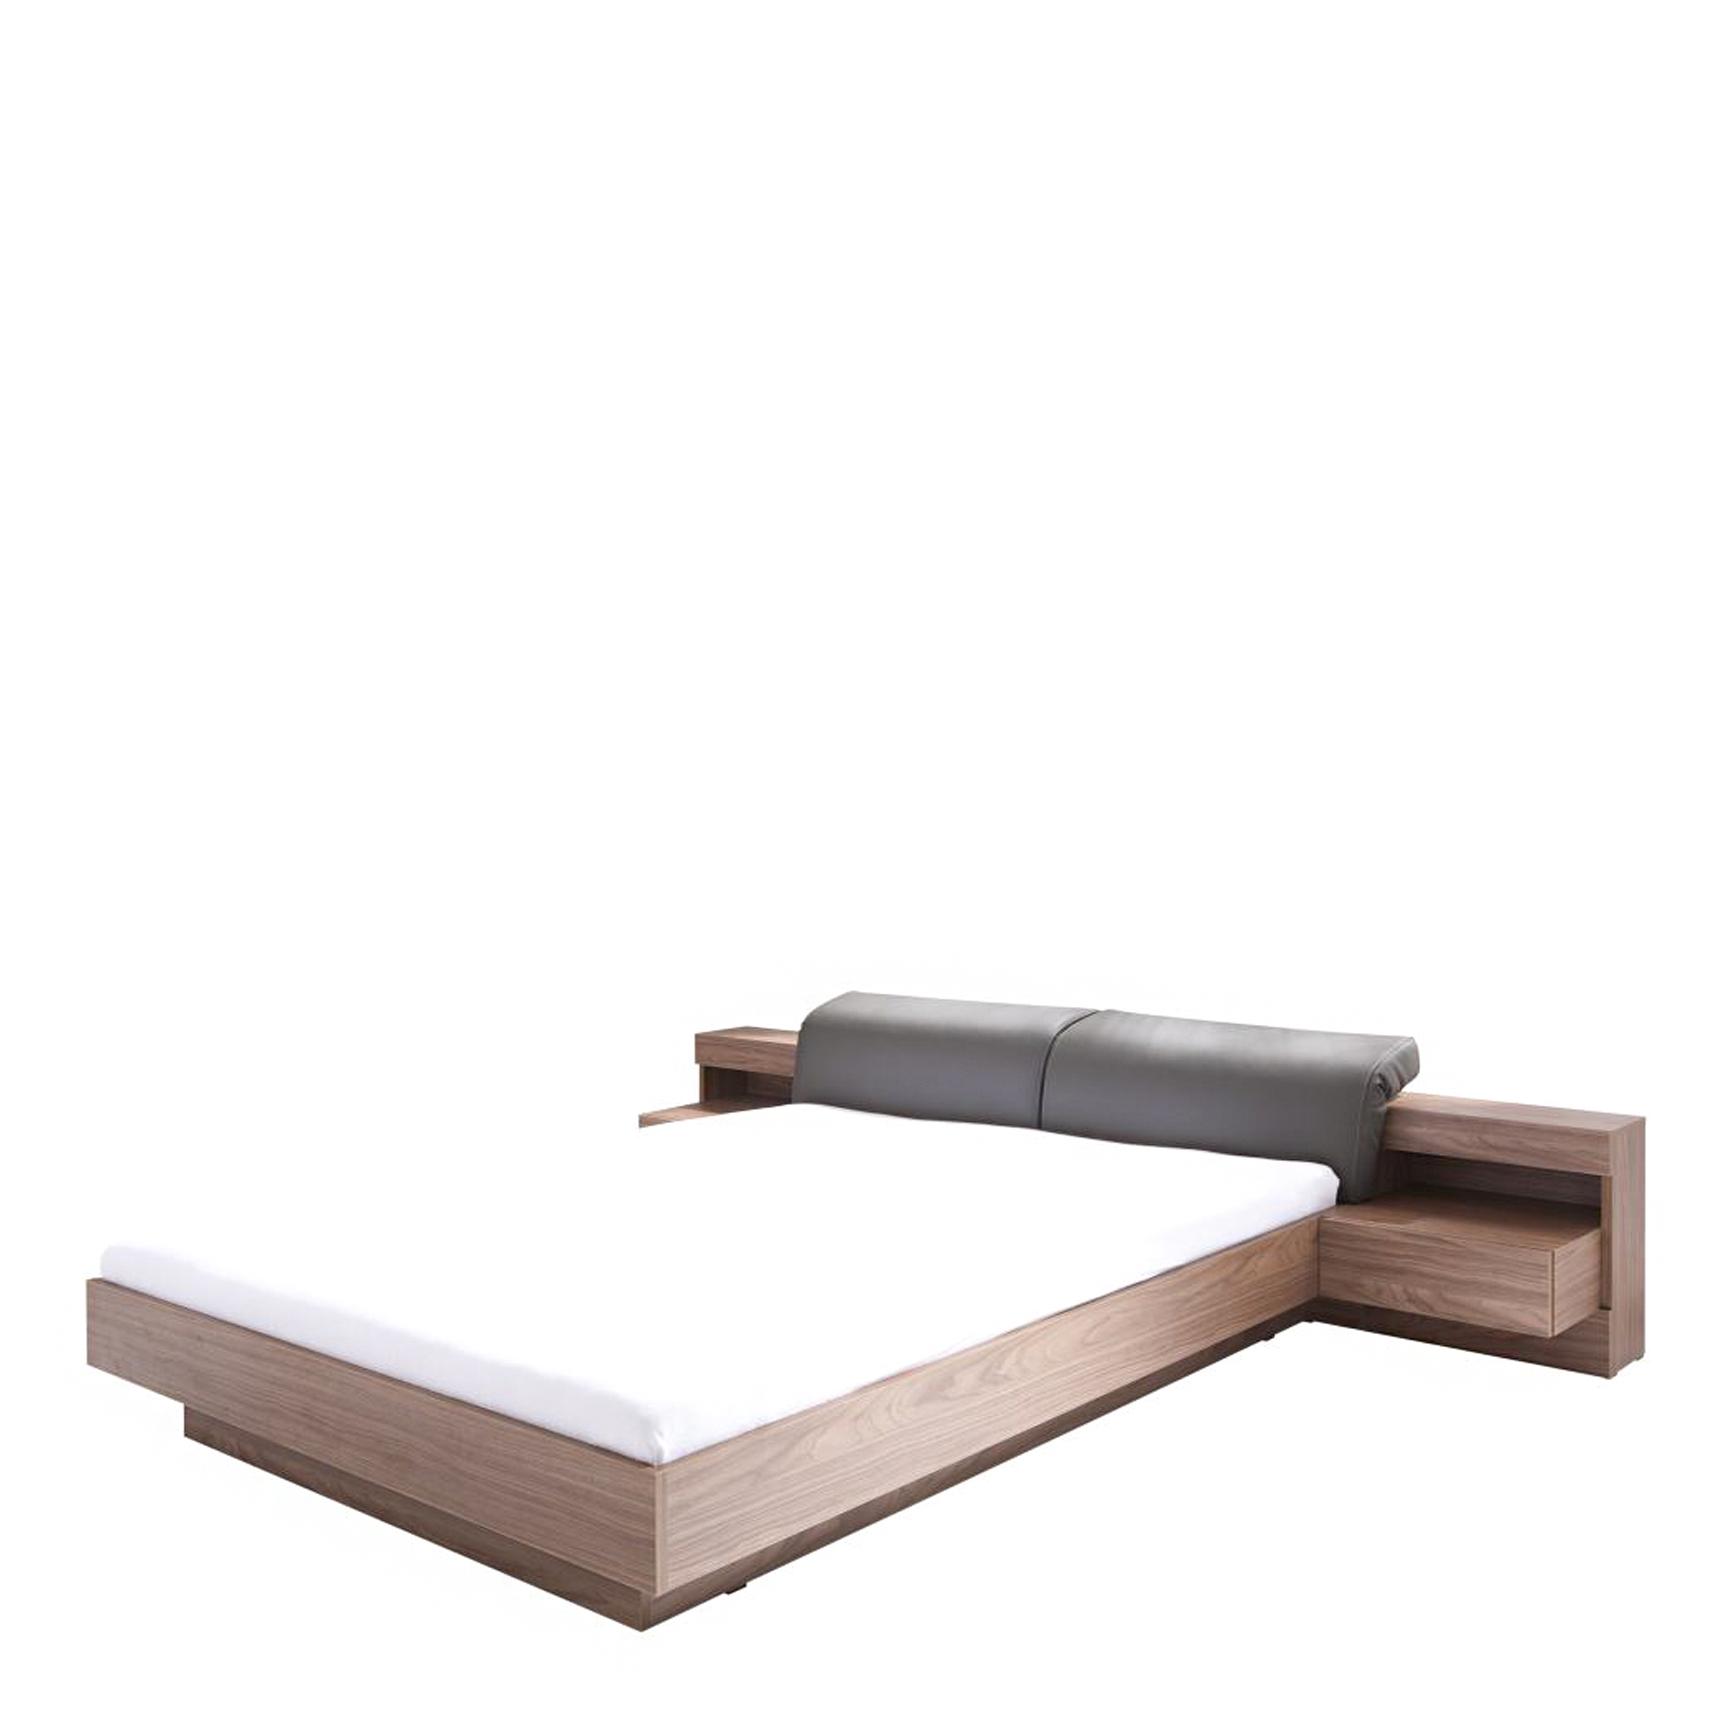 Renato łóżko Z Oświetleniem Typ 8123 Orzechbeton Gładkiz